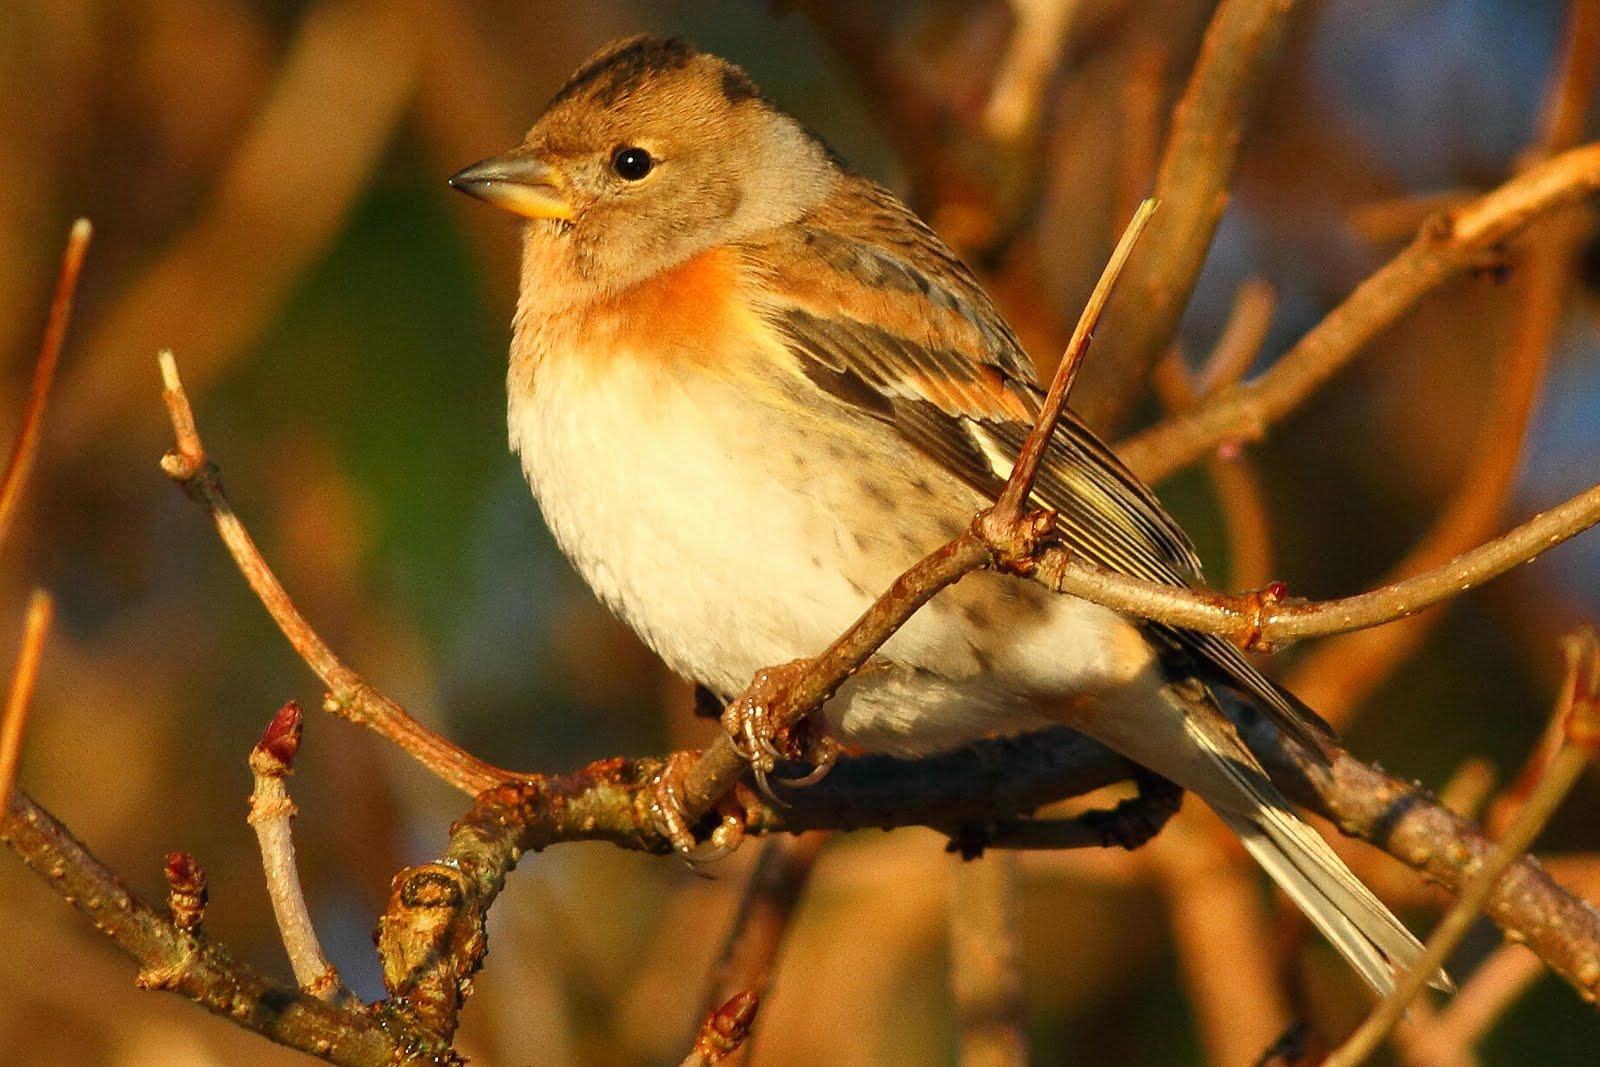 Scarce and rare bird photos